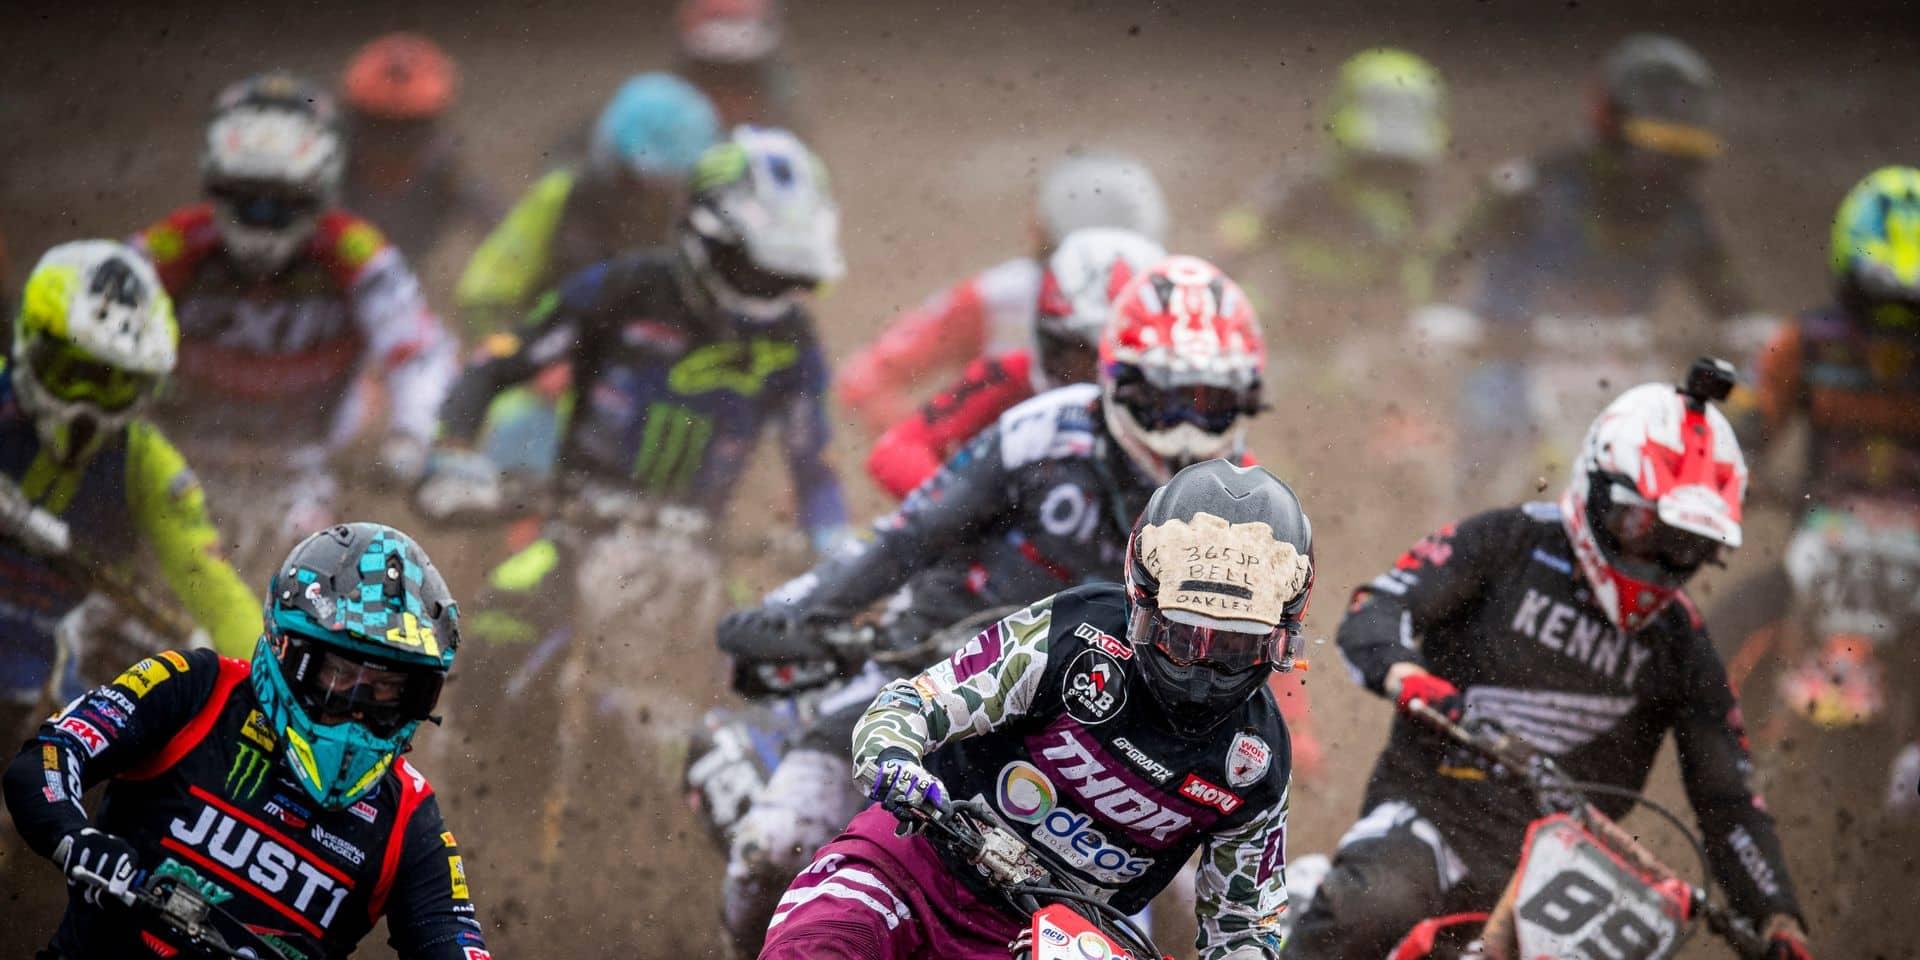 Le GP d'Argentine de motocross reporté